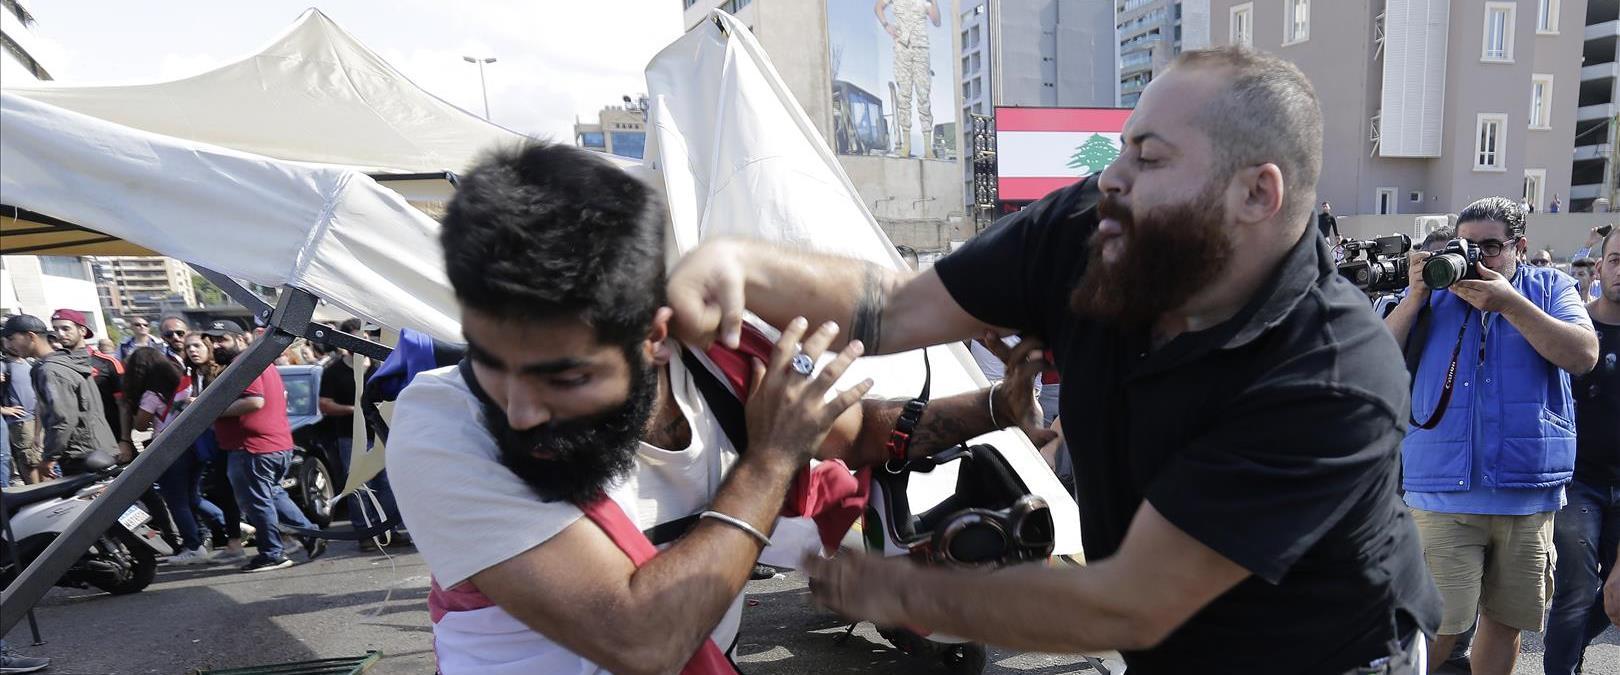 עימות בין פעילי חיזבאללה ומפגינים